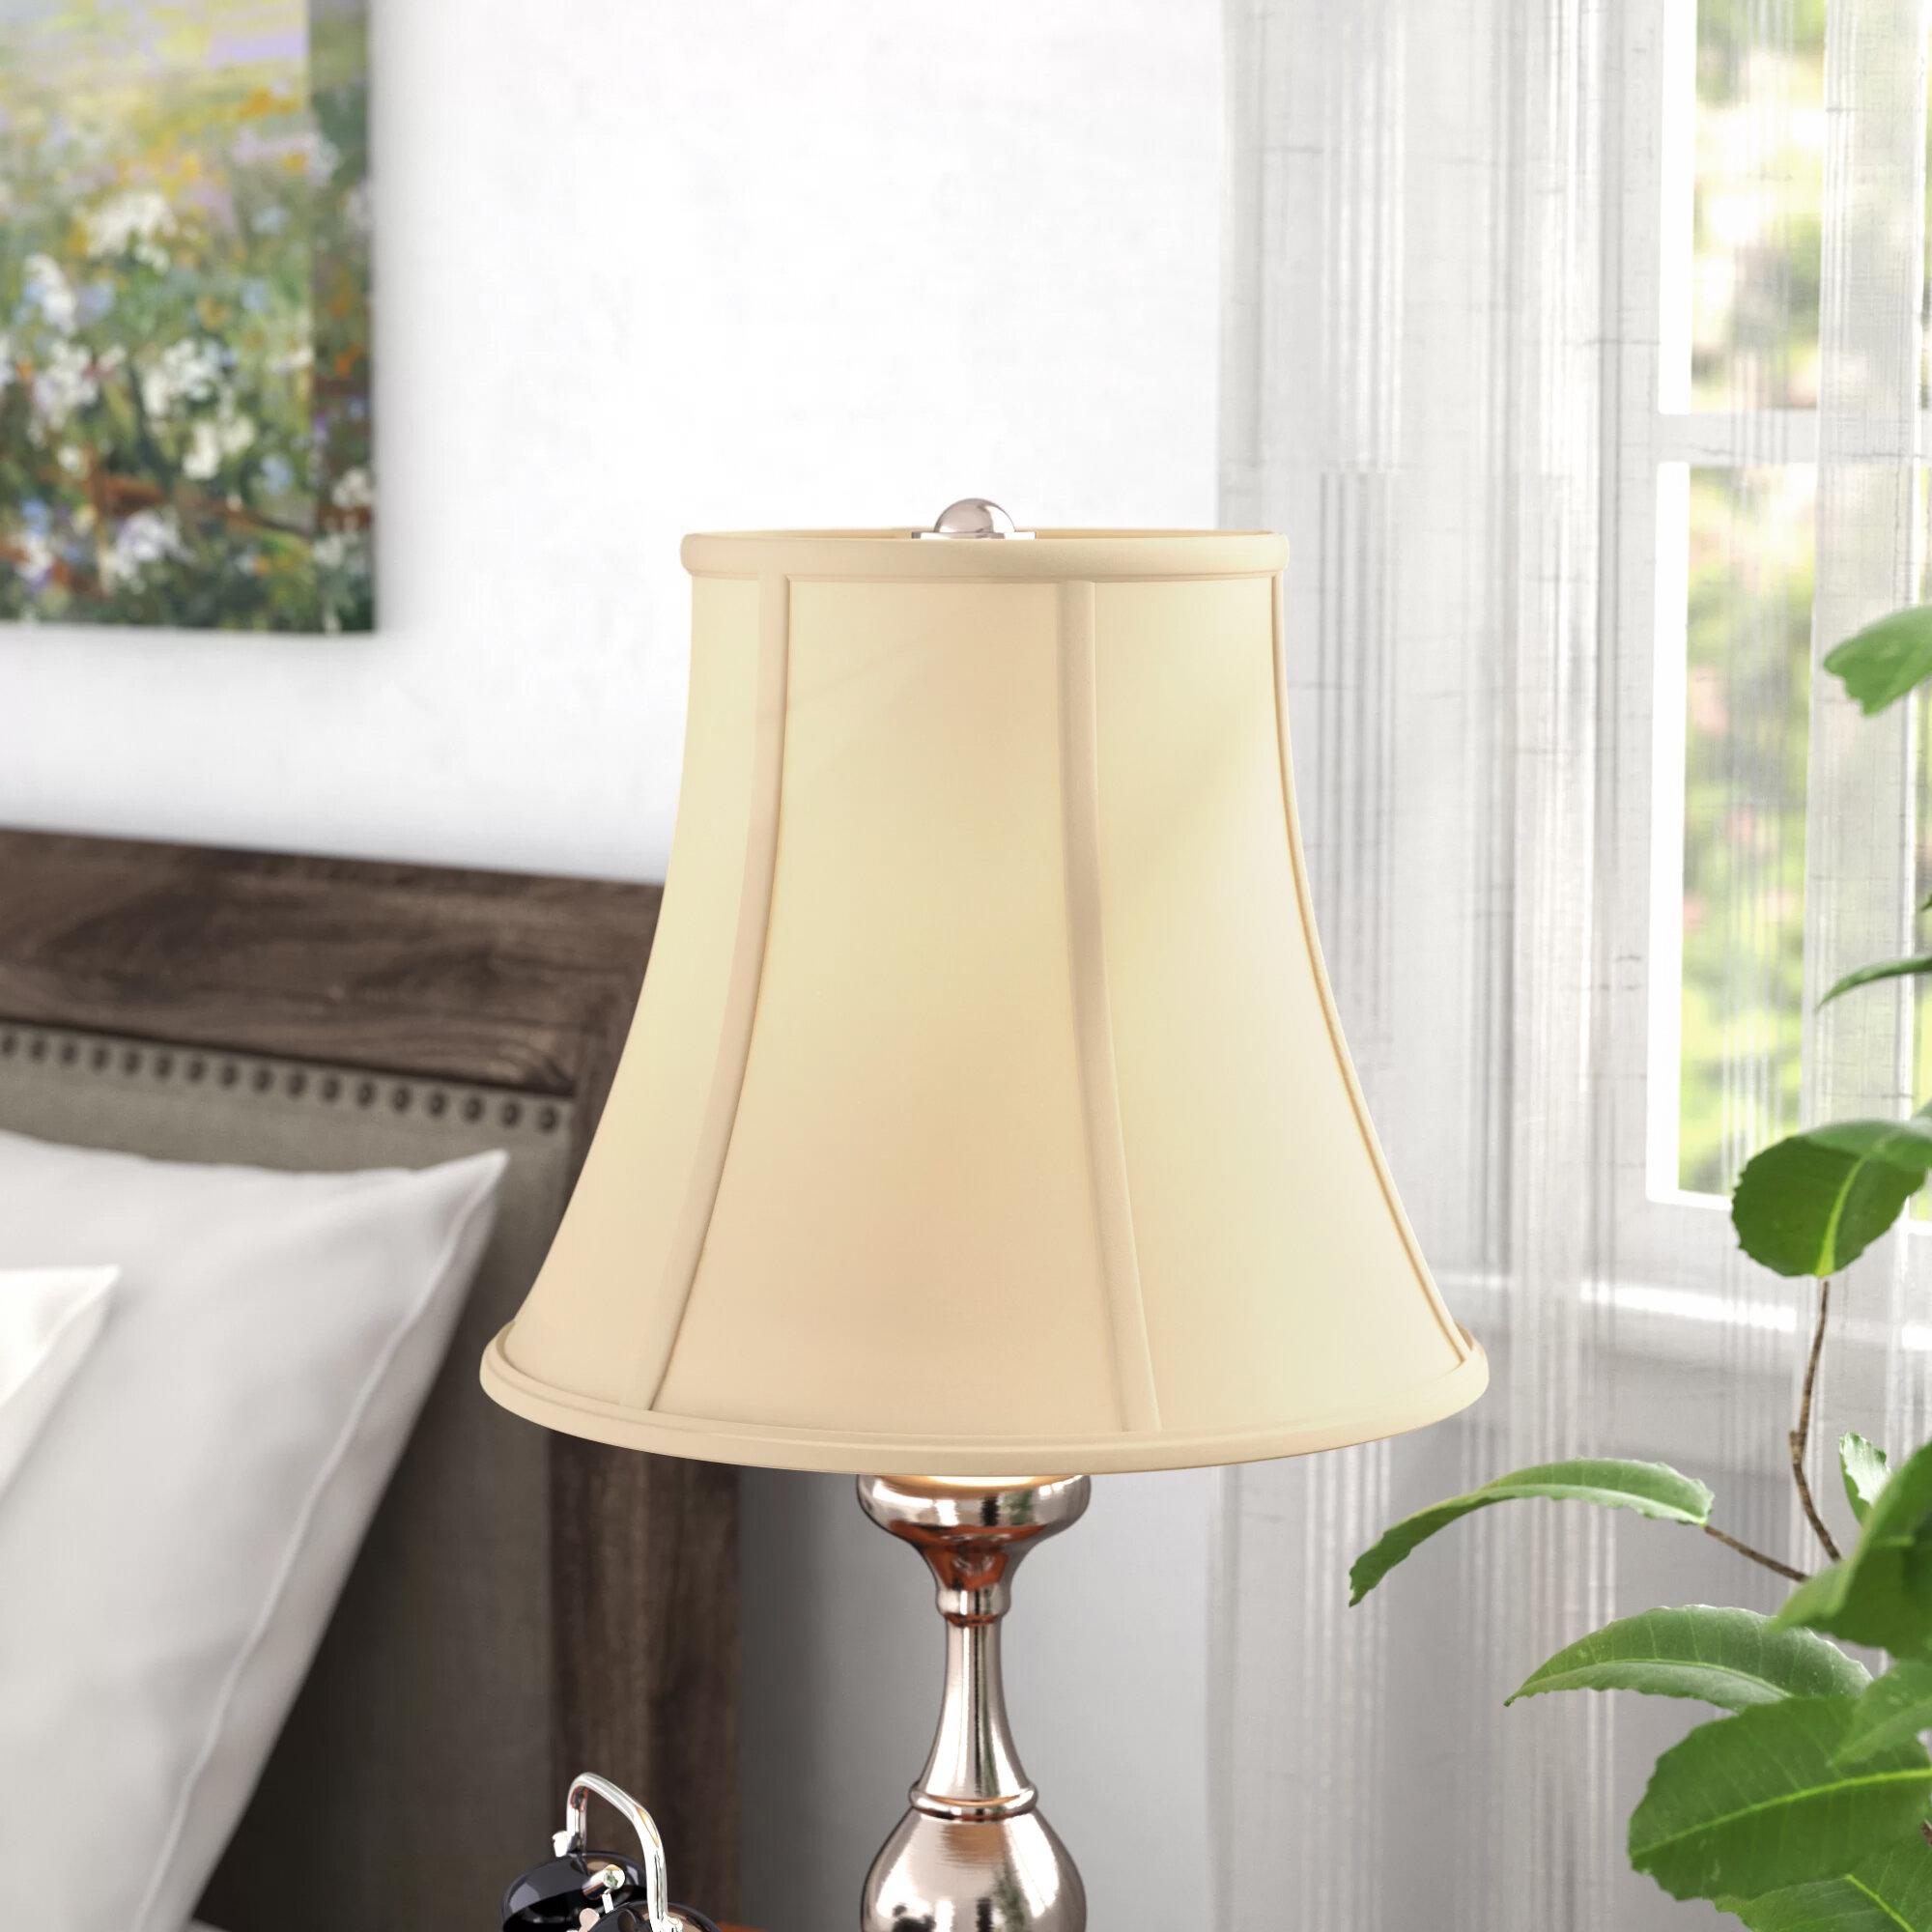 Alcott hill 12 silk bell lamp shade reviews wayfair